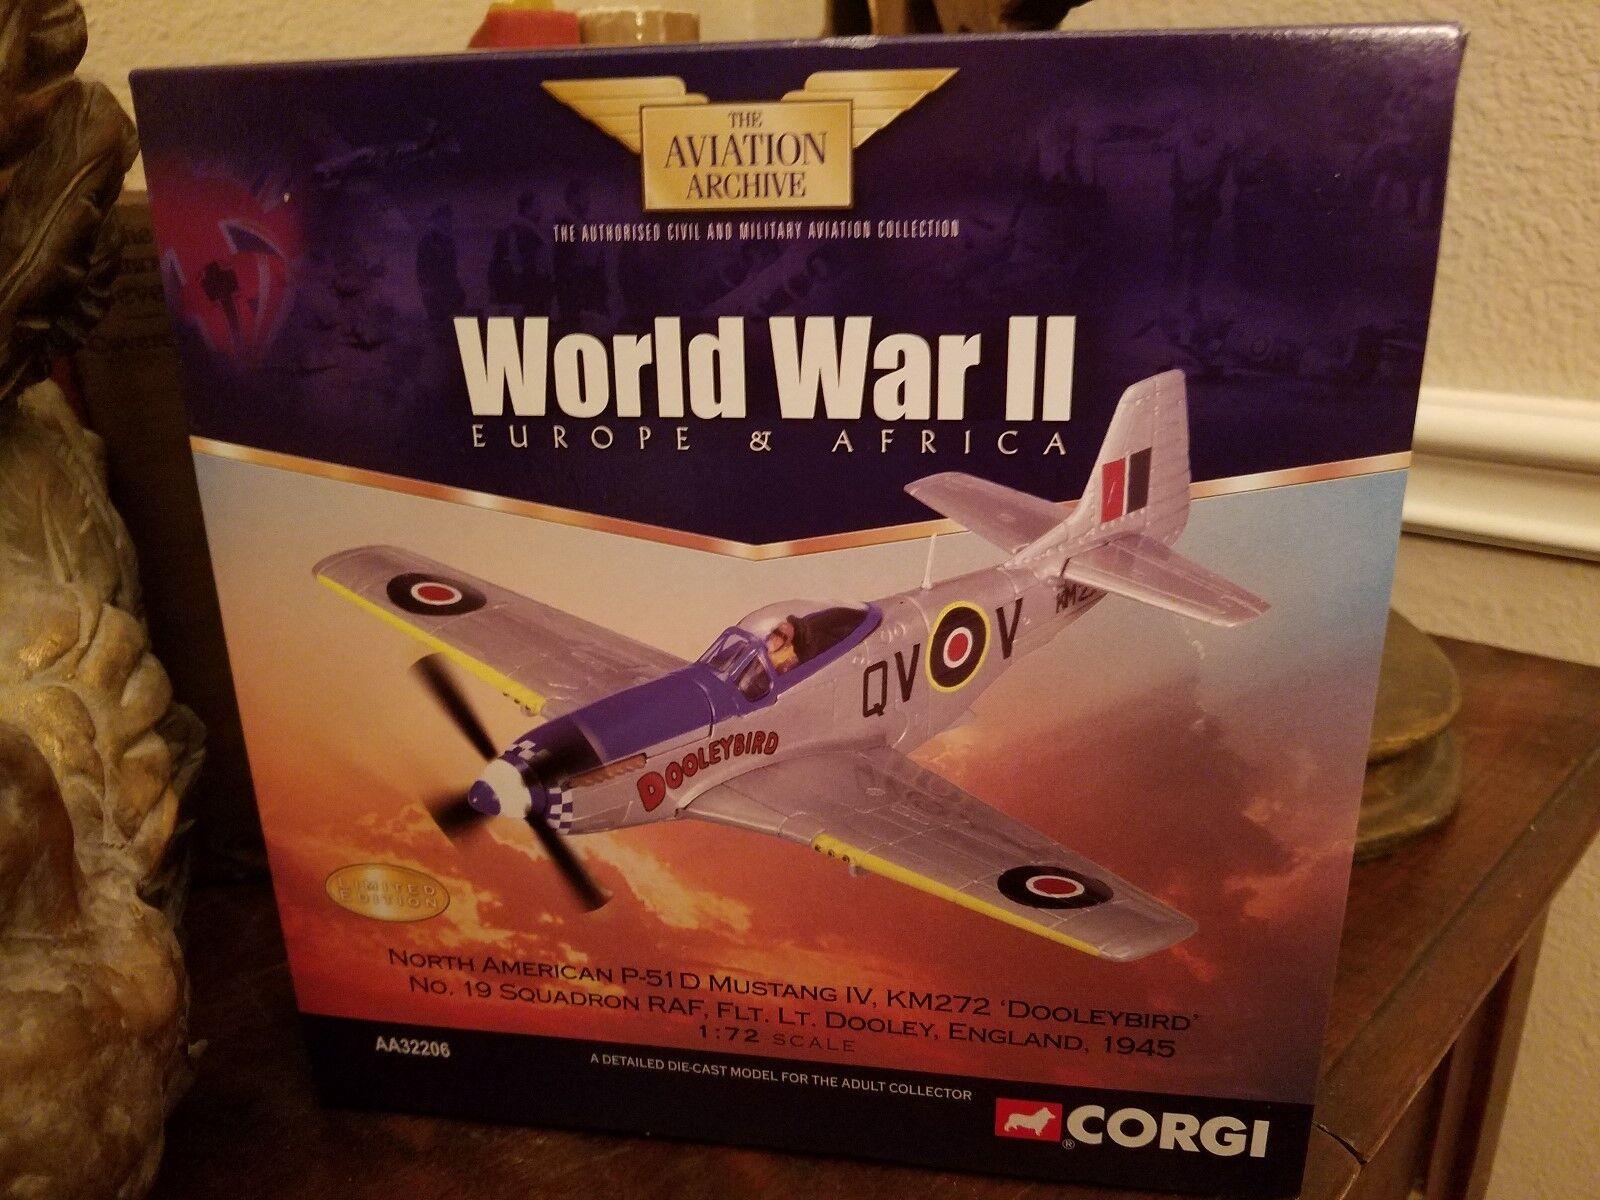 CORGI P-51D Mustang IV, KM272  Dooleybird  No. 19 Sq. Royal Air Force-AA32206